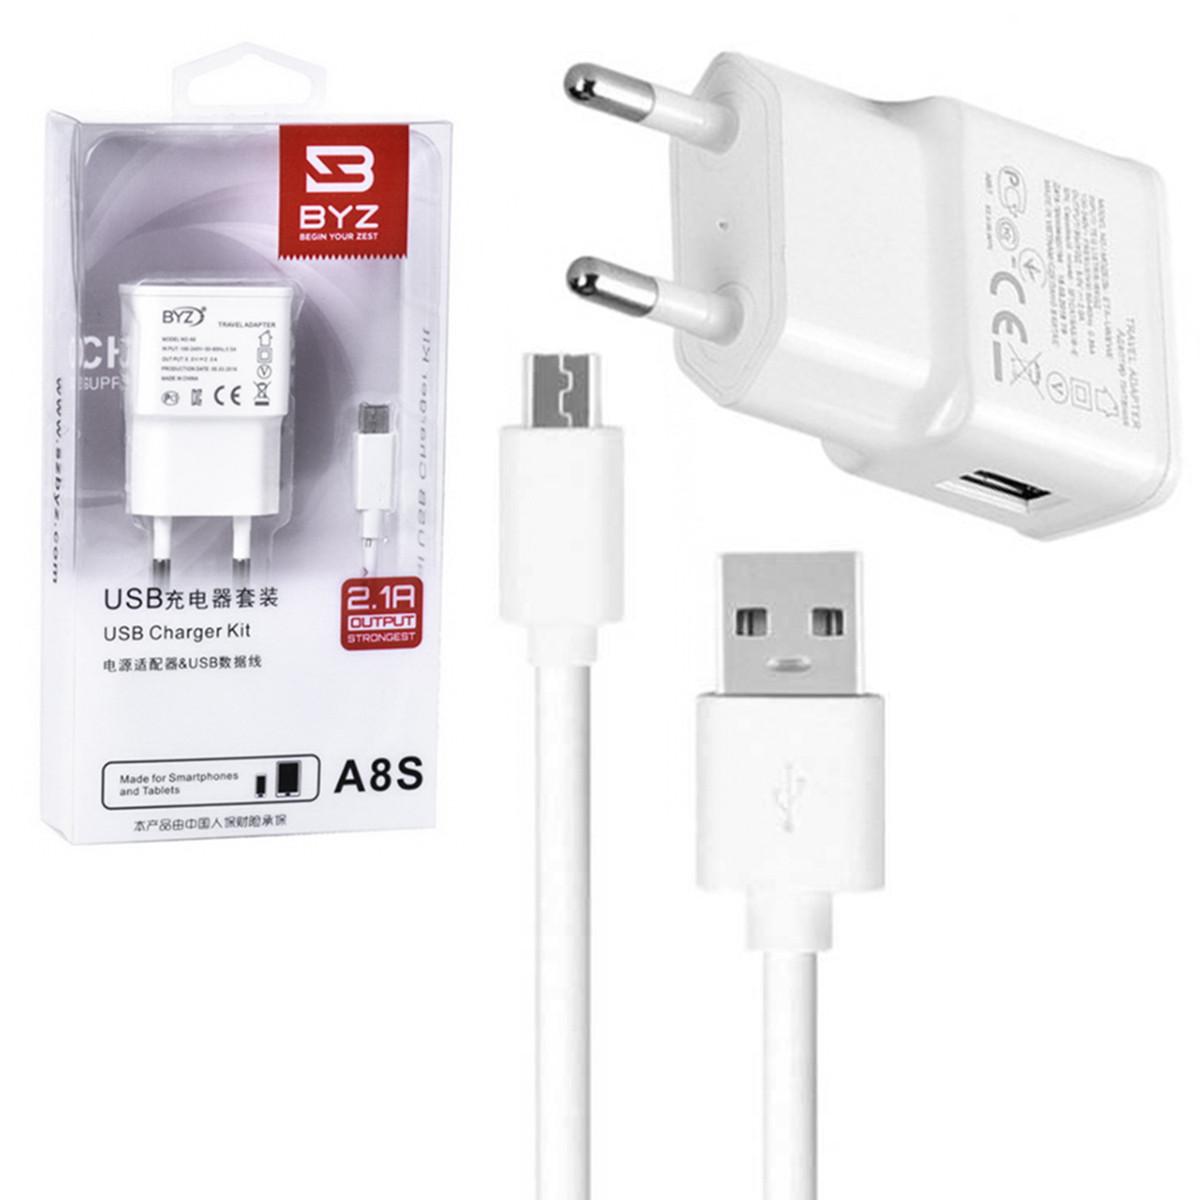 Сетевое зарядное устройство BYZ A8S с кабелем micro USB 2.1A White